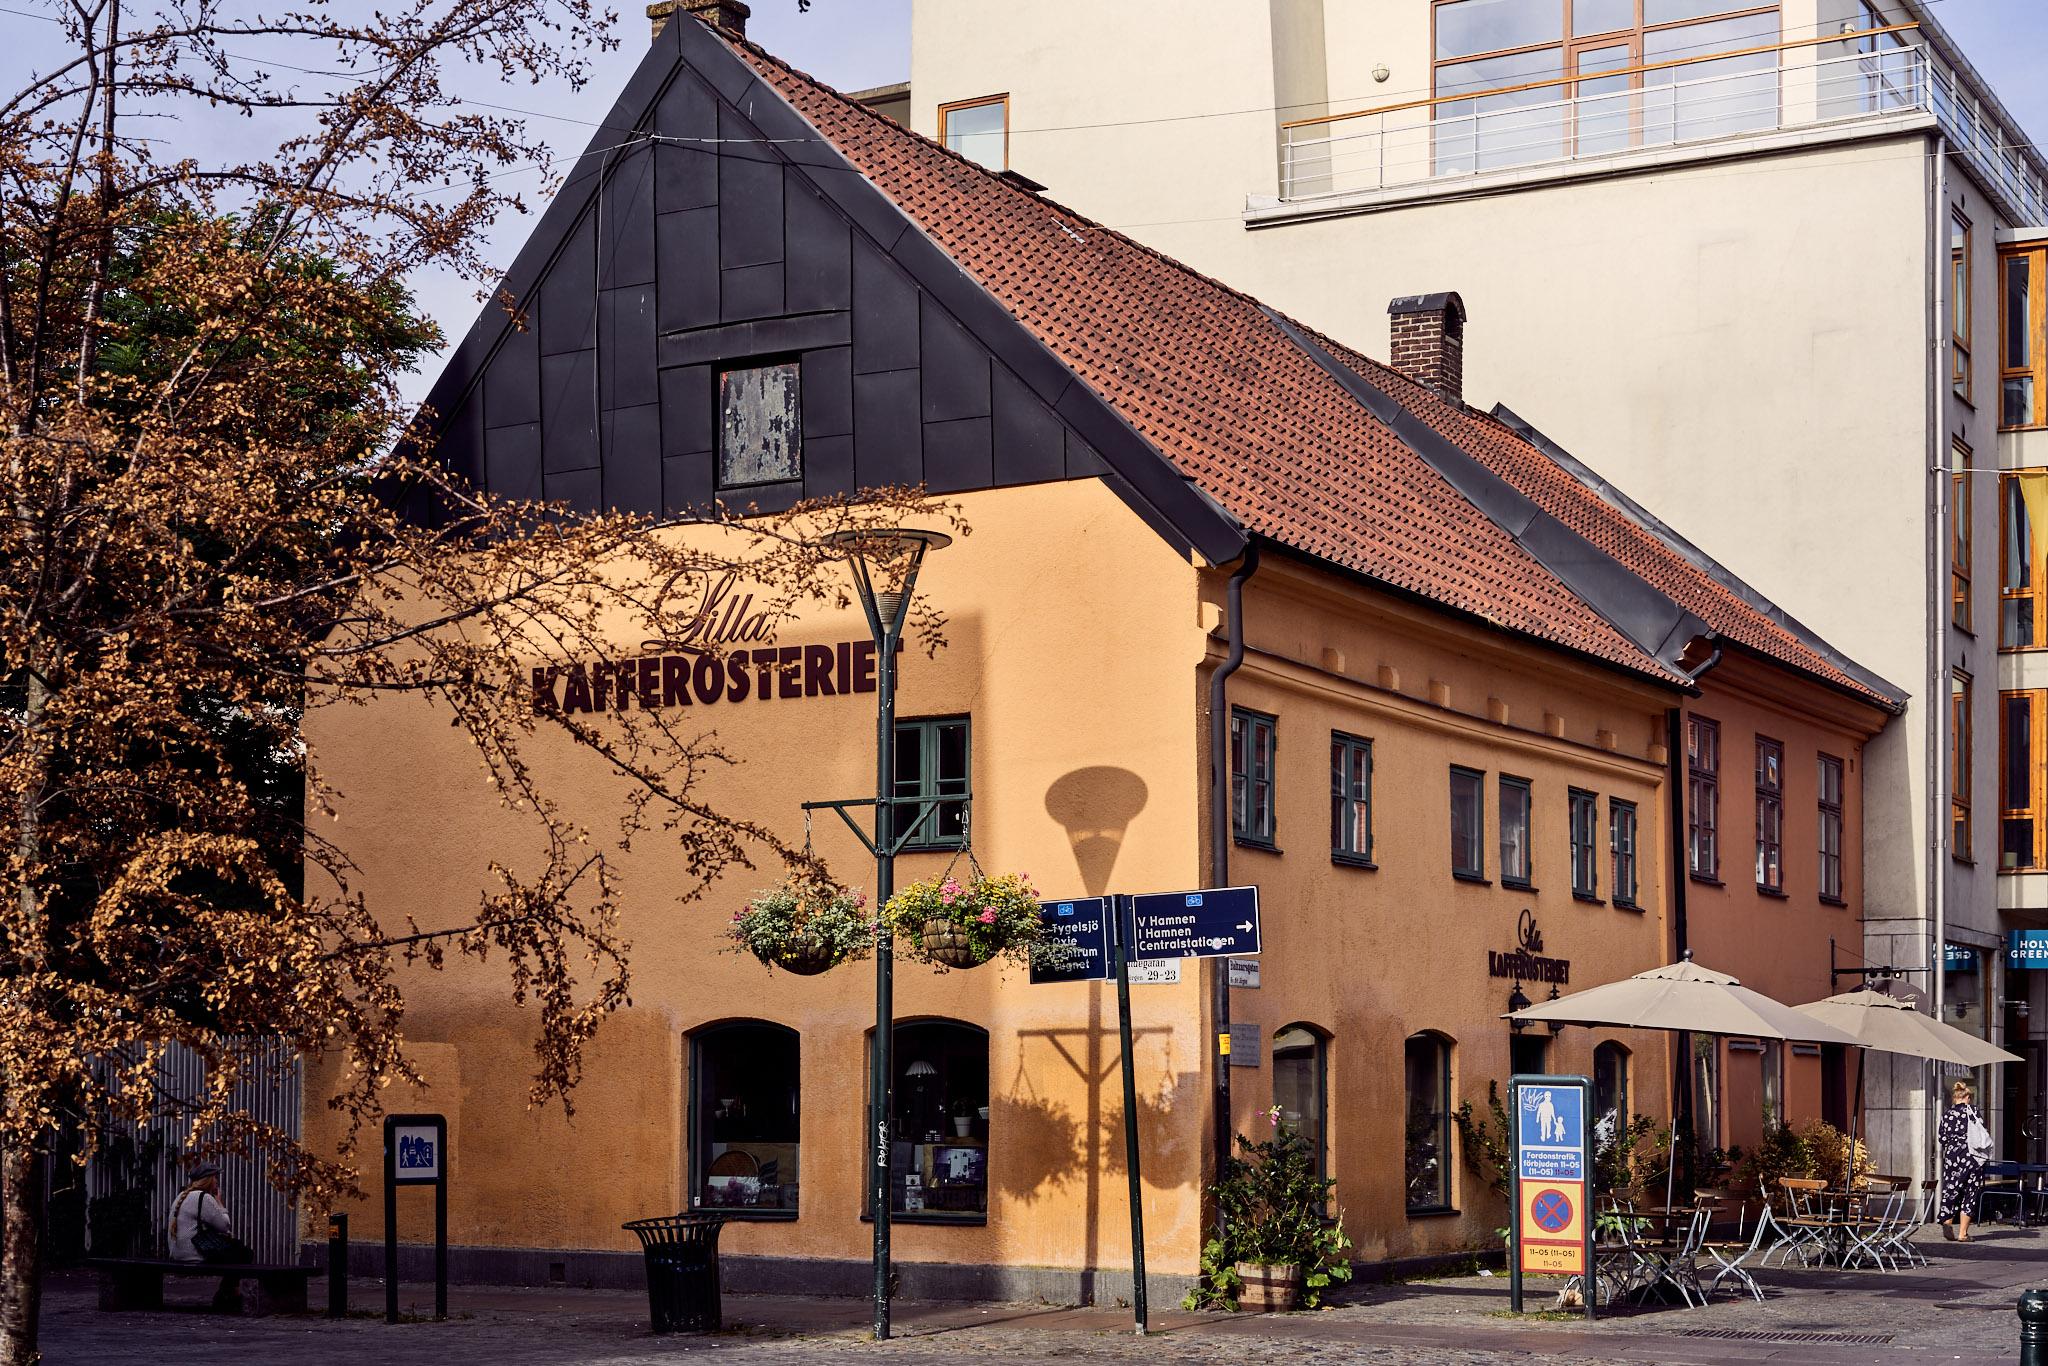 Vstra Klagstorps kyrka - Svenskakyrkan Malm